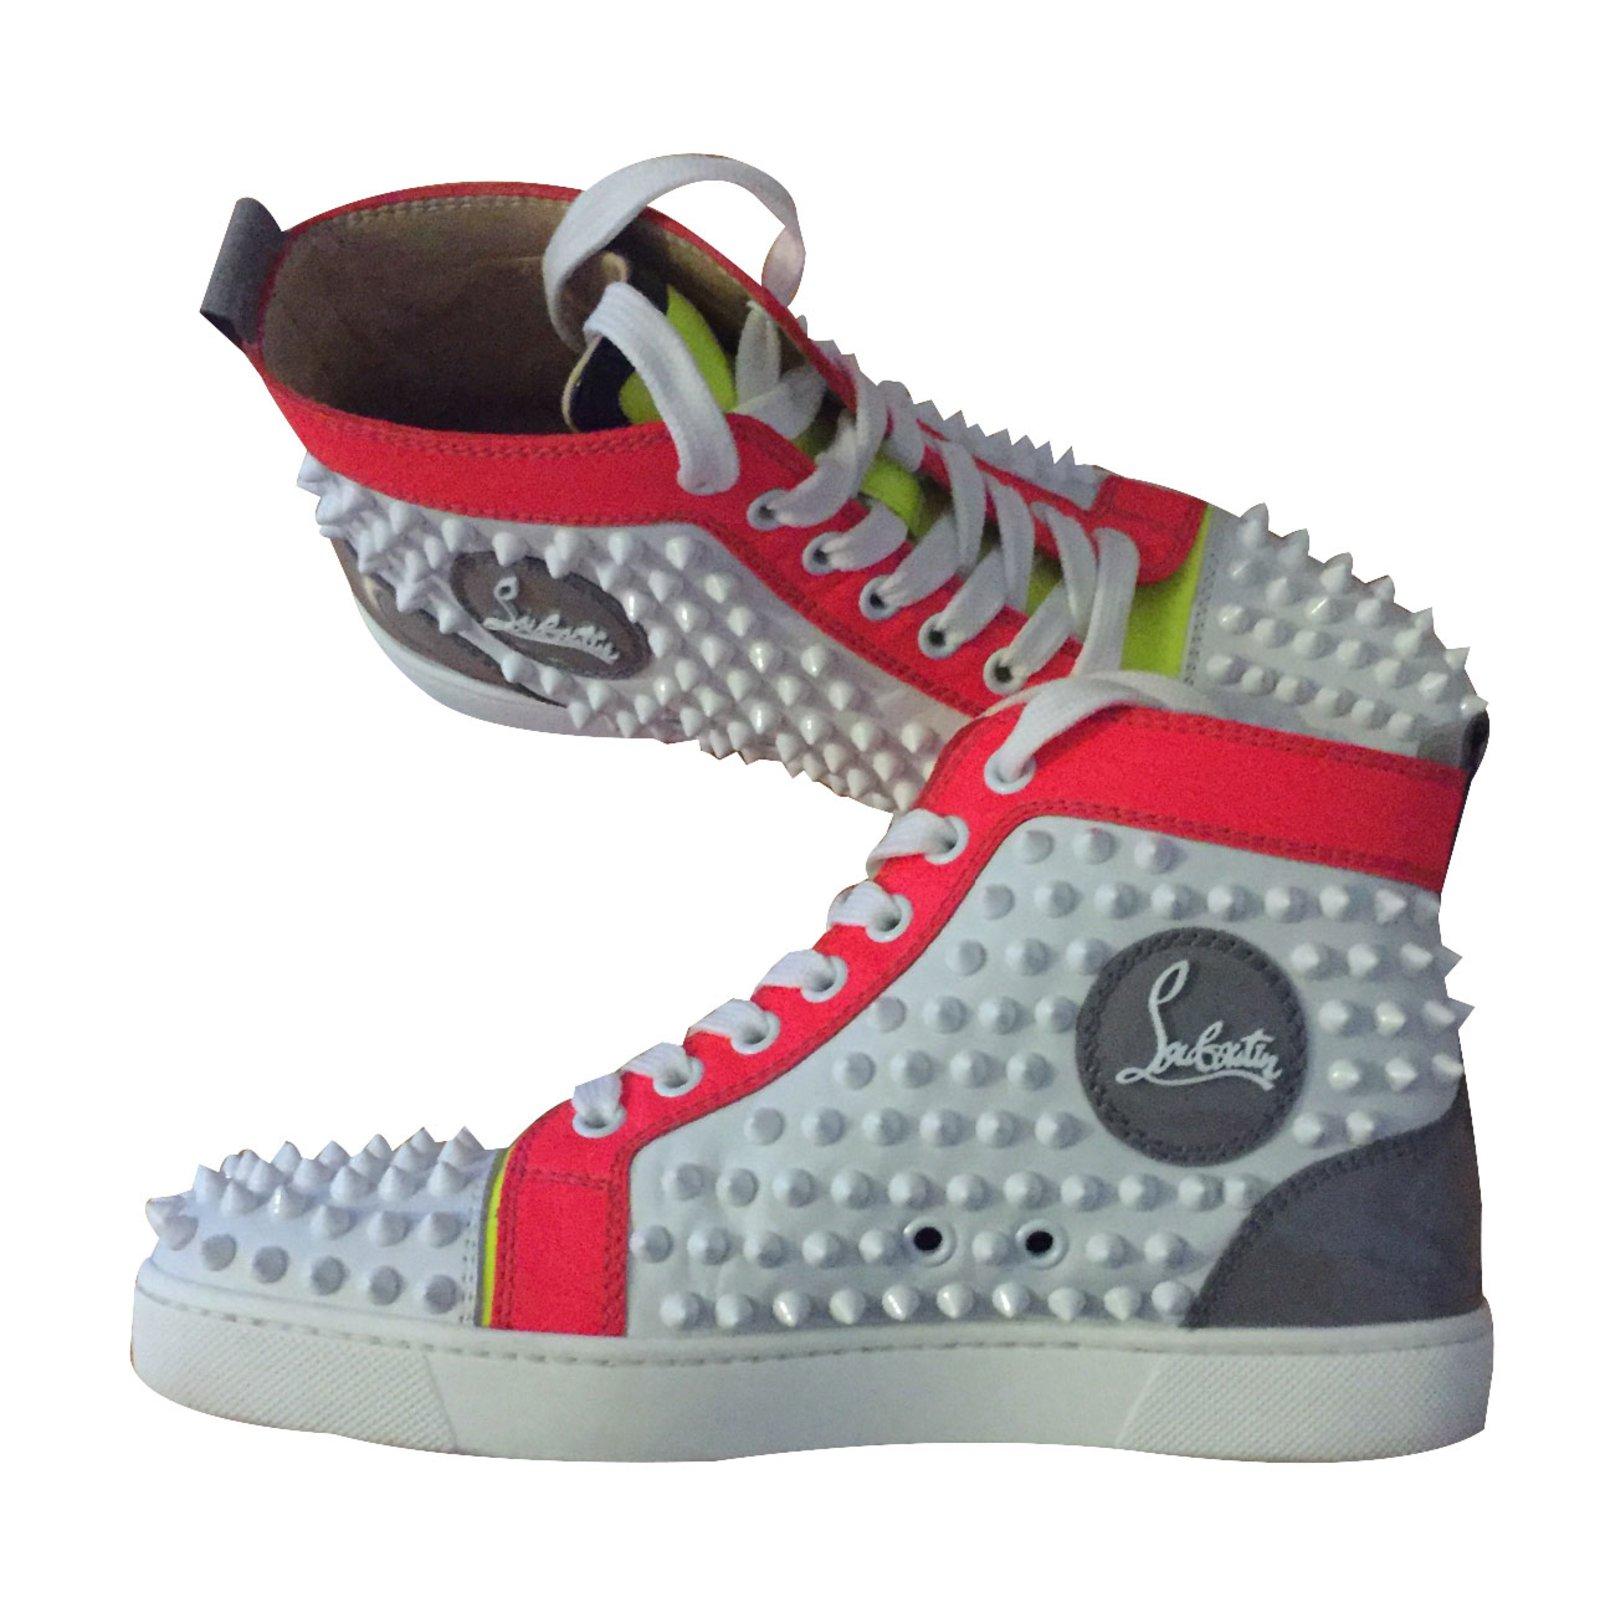 chaussure louboutin basket